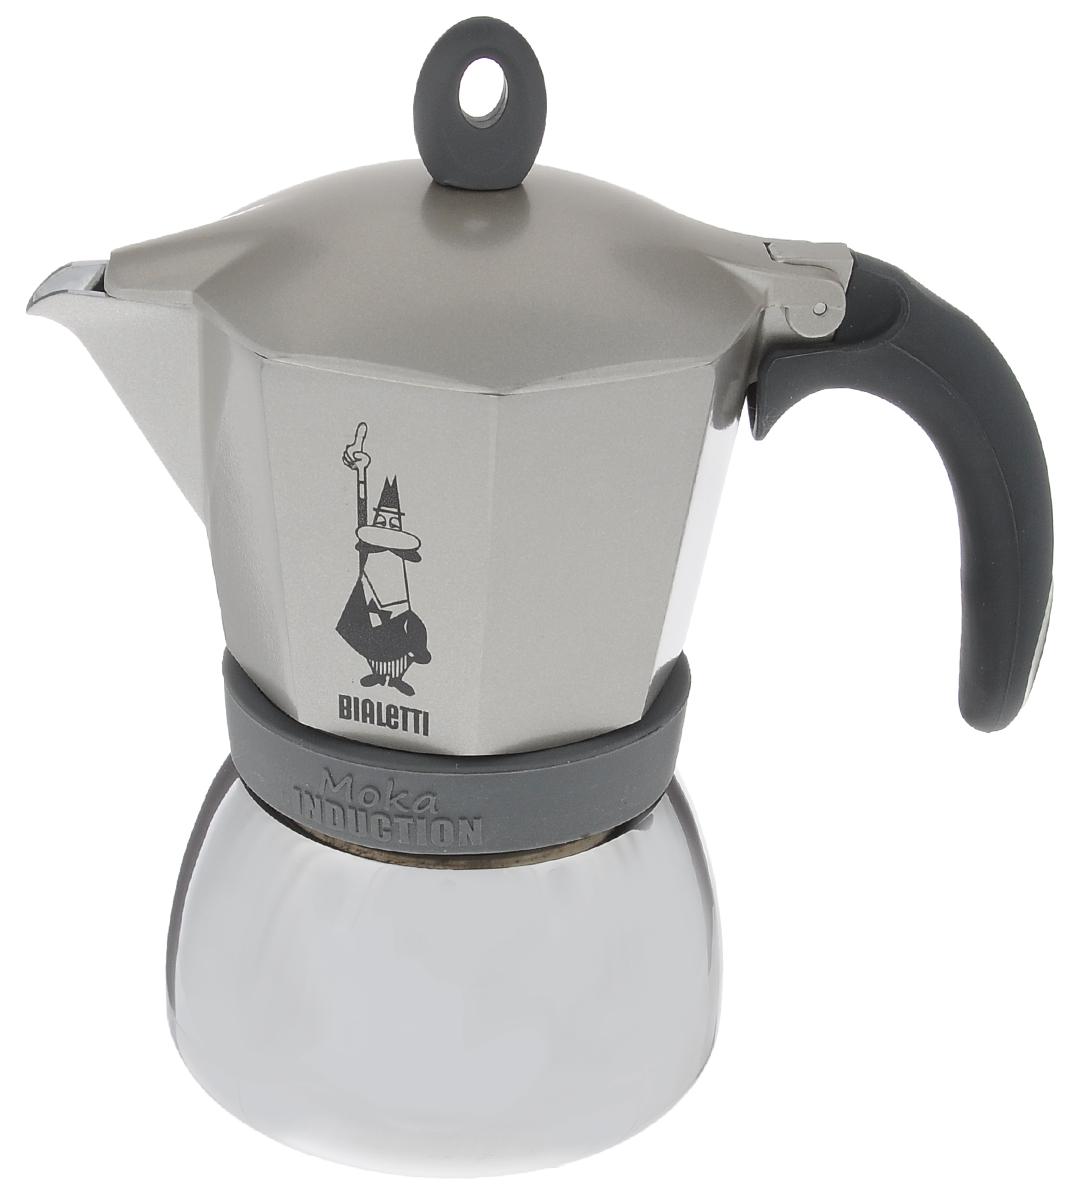 Кофеварка гейзерная Bialetti Moka Induction, цвет: серый, на 6 чашек4833Компактная гейзерная кофеварка Bialetti Moka Induction изготовлена из высококачественного алюминия и стали. Объема кофе хватает на 6 чашек. Изделие оснащено удобной обрезиненной ручкой. Принцип работы такой гейзерной кофеварки - кофе заваривается путем многократного прохождения горячей воды или пара через слой молотого кофе. Удобство кофеварки в том, что вся кофейная гуща остается во внутренней емкости. Гейзерные кофеварки пользуются большой популярностью благодаря изысканному аромату. Кофе получается крепкий и насыщенный. Теперь и дома вы сможете насладиться великолепным эспрессо. Подходит для газовых, электрических, стеклокерамических и индукционных плит. Нельзя мыть в посудомоечной машине. Высота (с учетом крышки): 20 см.